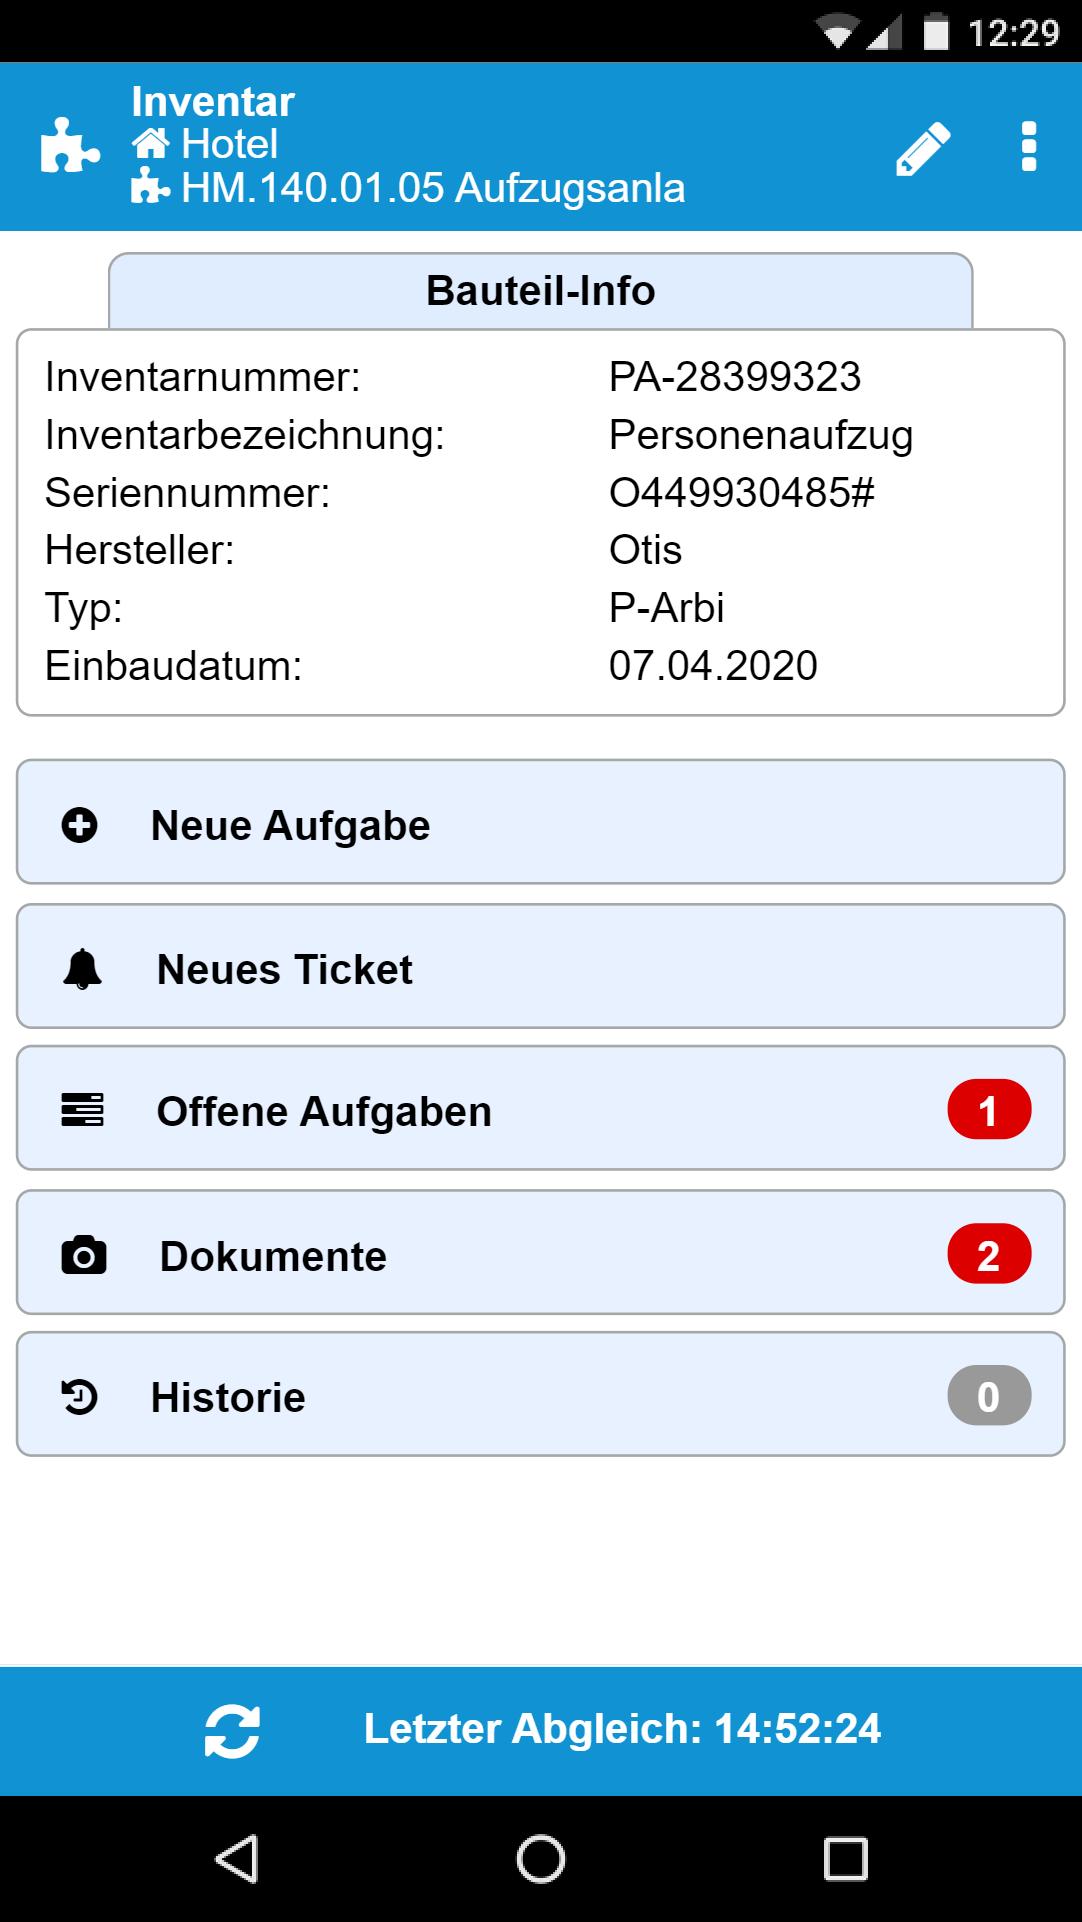 App - Inventarverwaltung